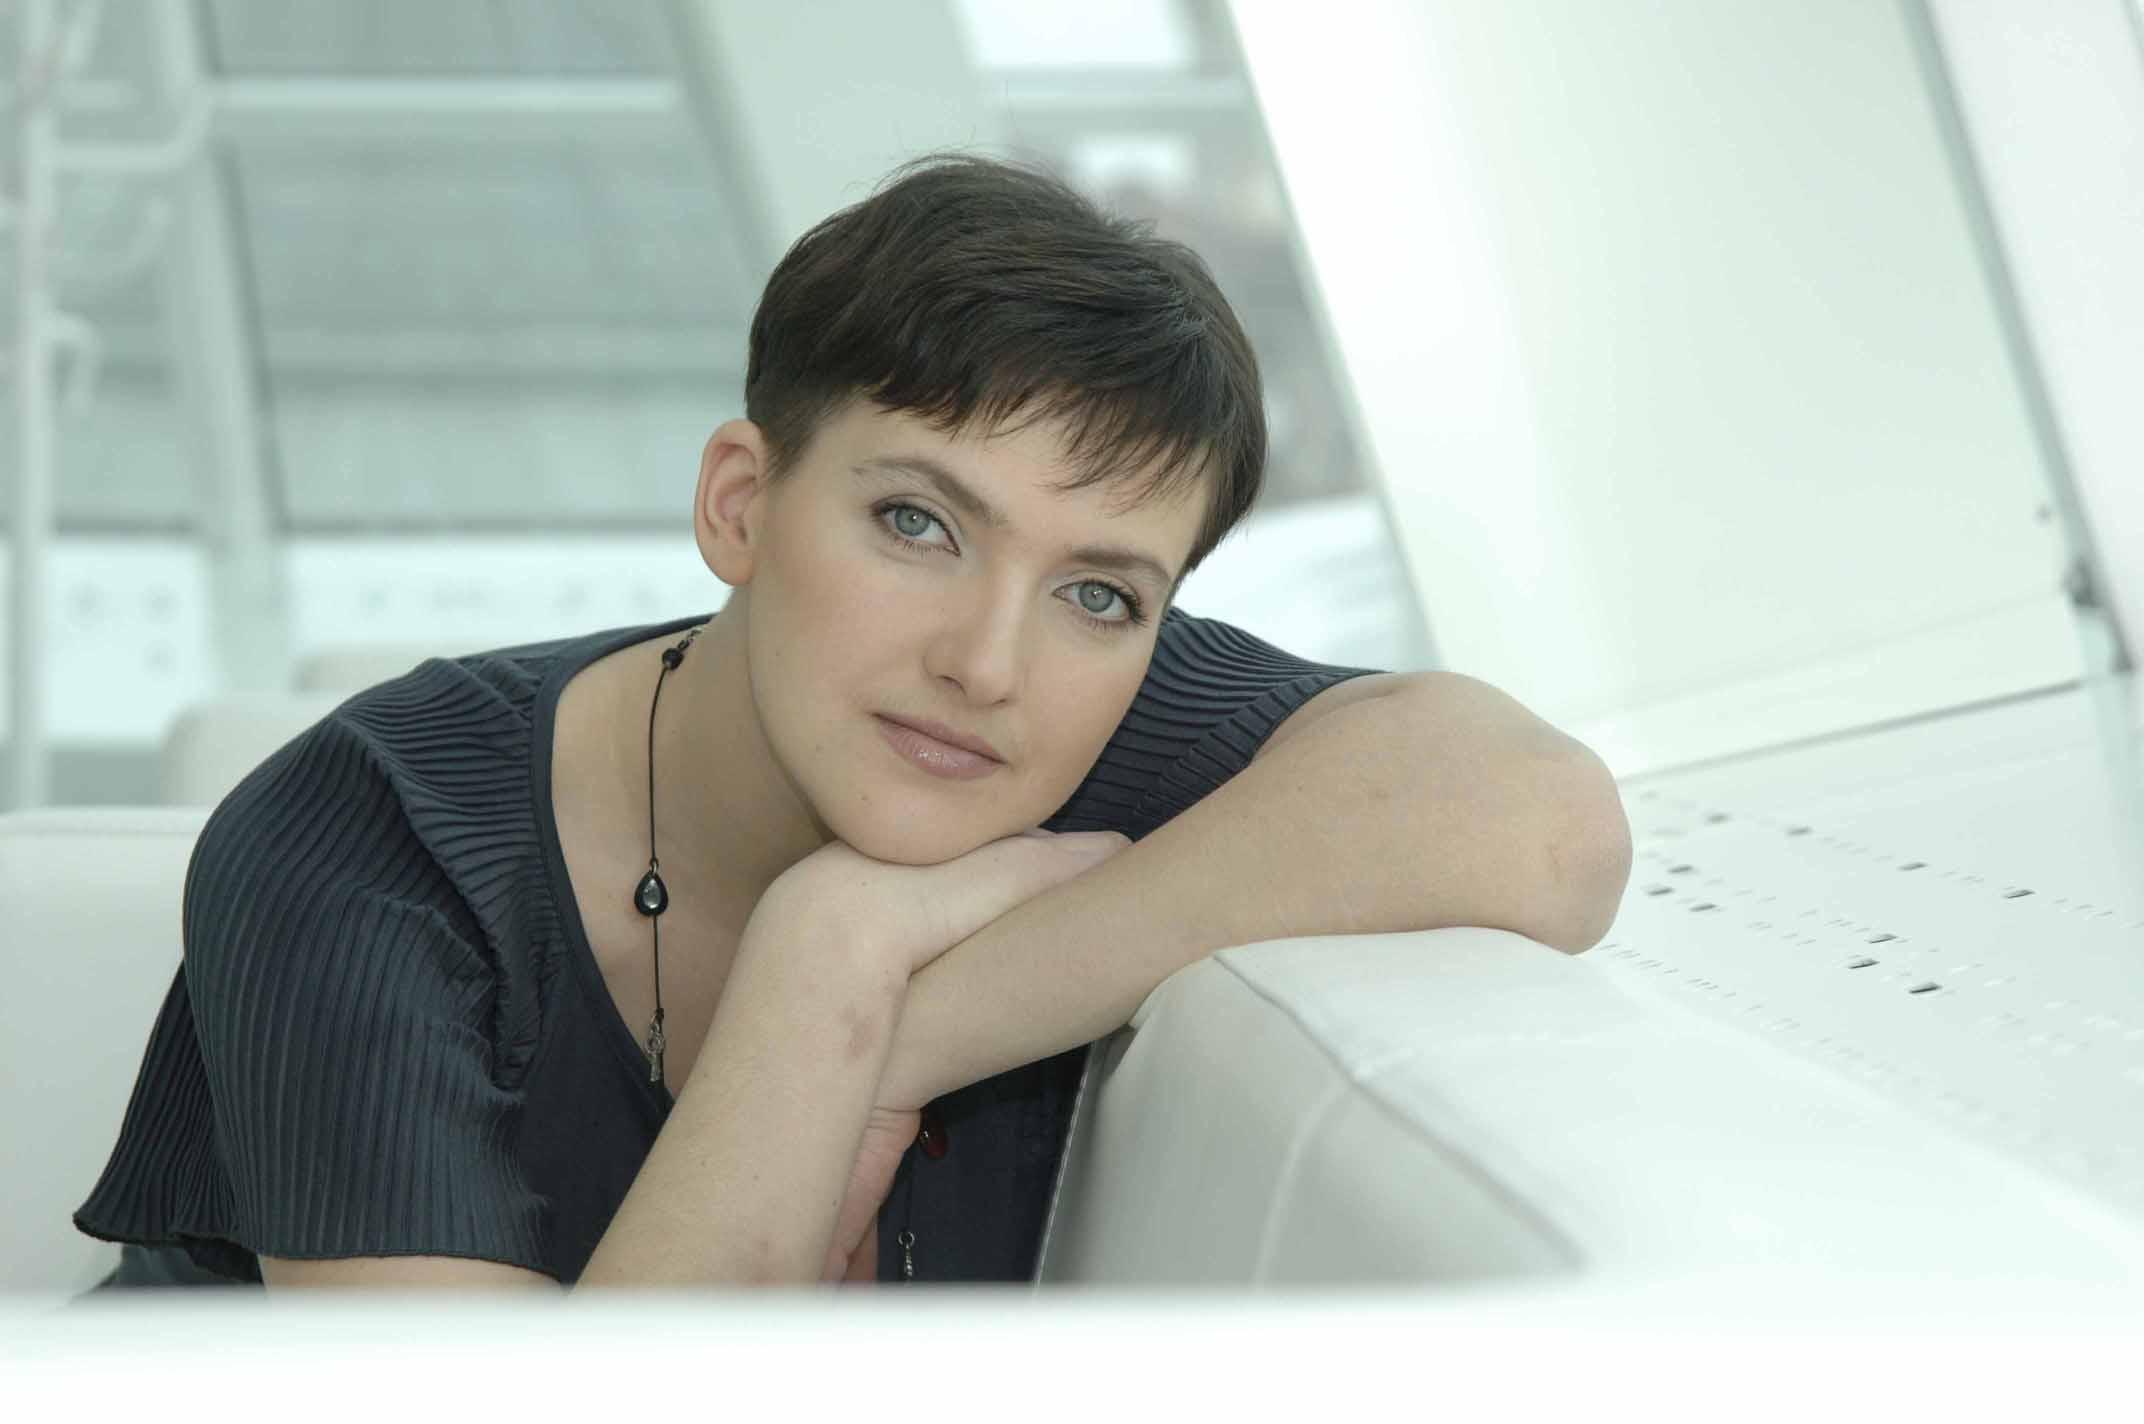 Опозоренная Надежда Савченко взорвала сеть своей «волосатостью»